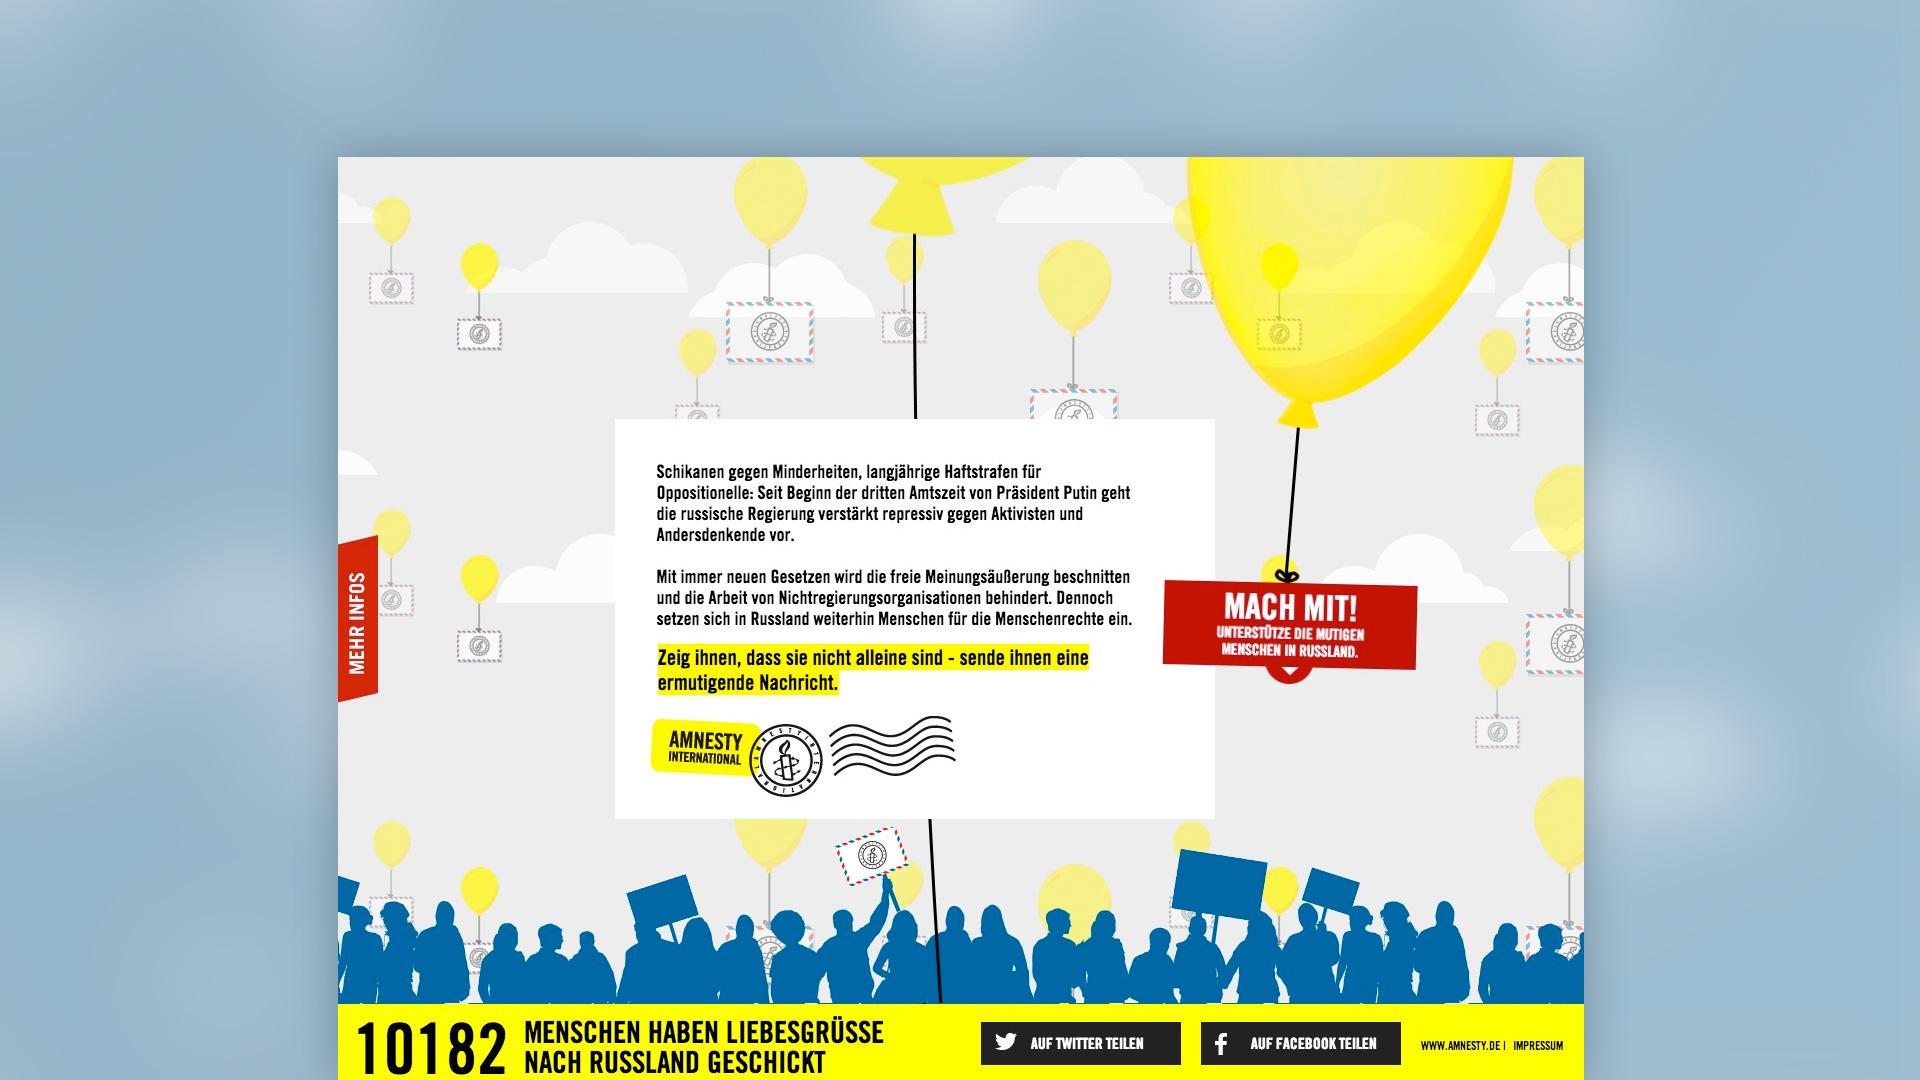 weitere Informationen zur Kampagne